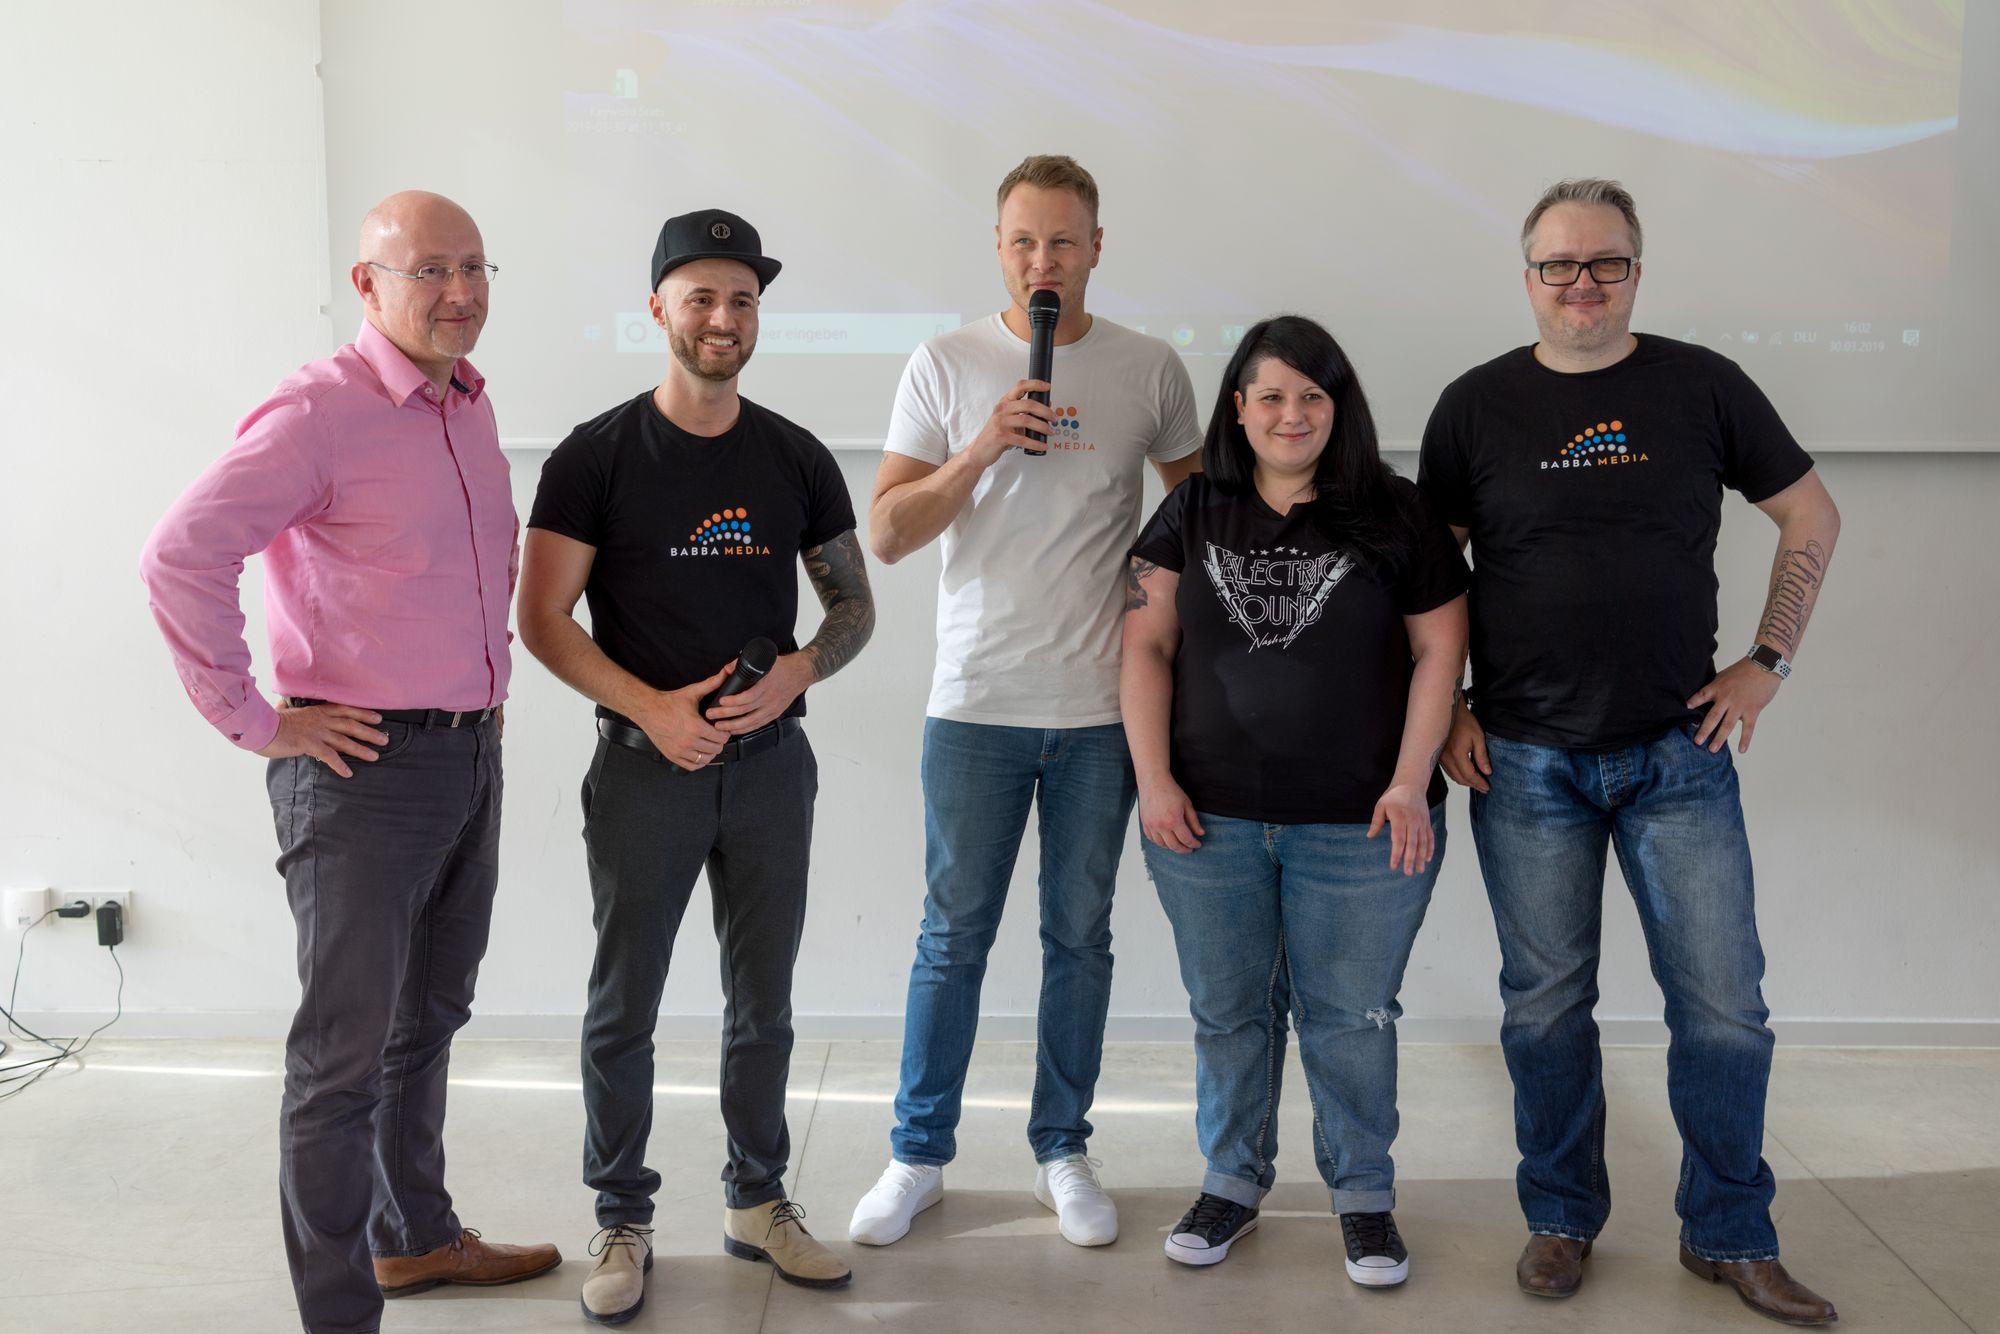 Torsten Semmler, Daniel Hauber, Stefan Beier, Katharina Kislewski und Dirk Schumacher auf dem Babba Business Day 2019 in Großostheim